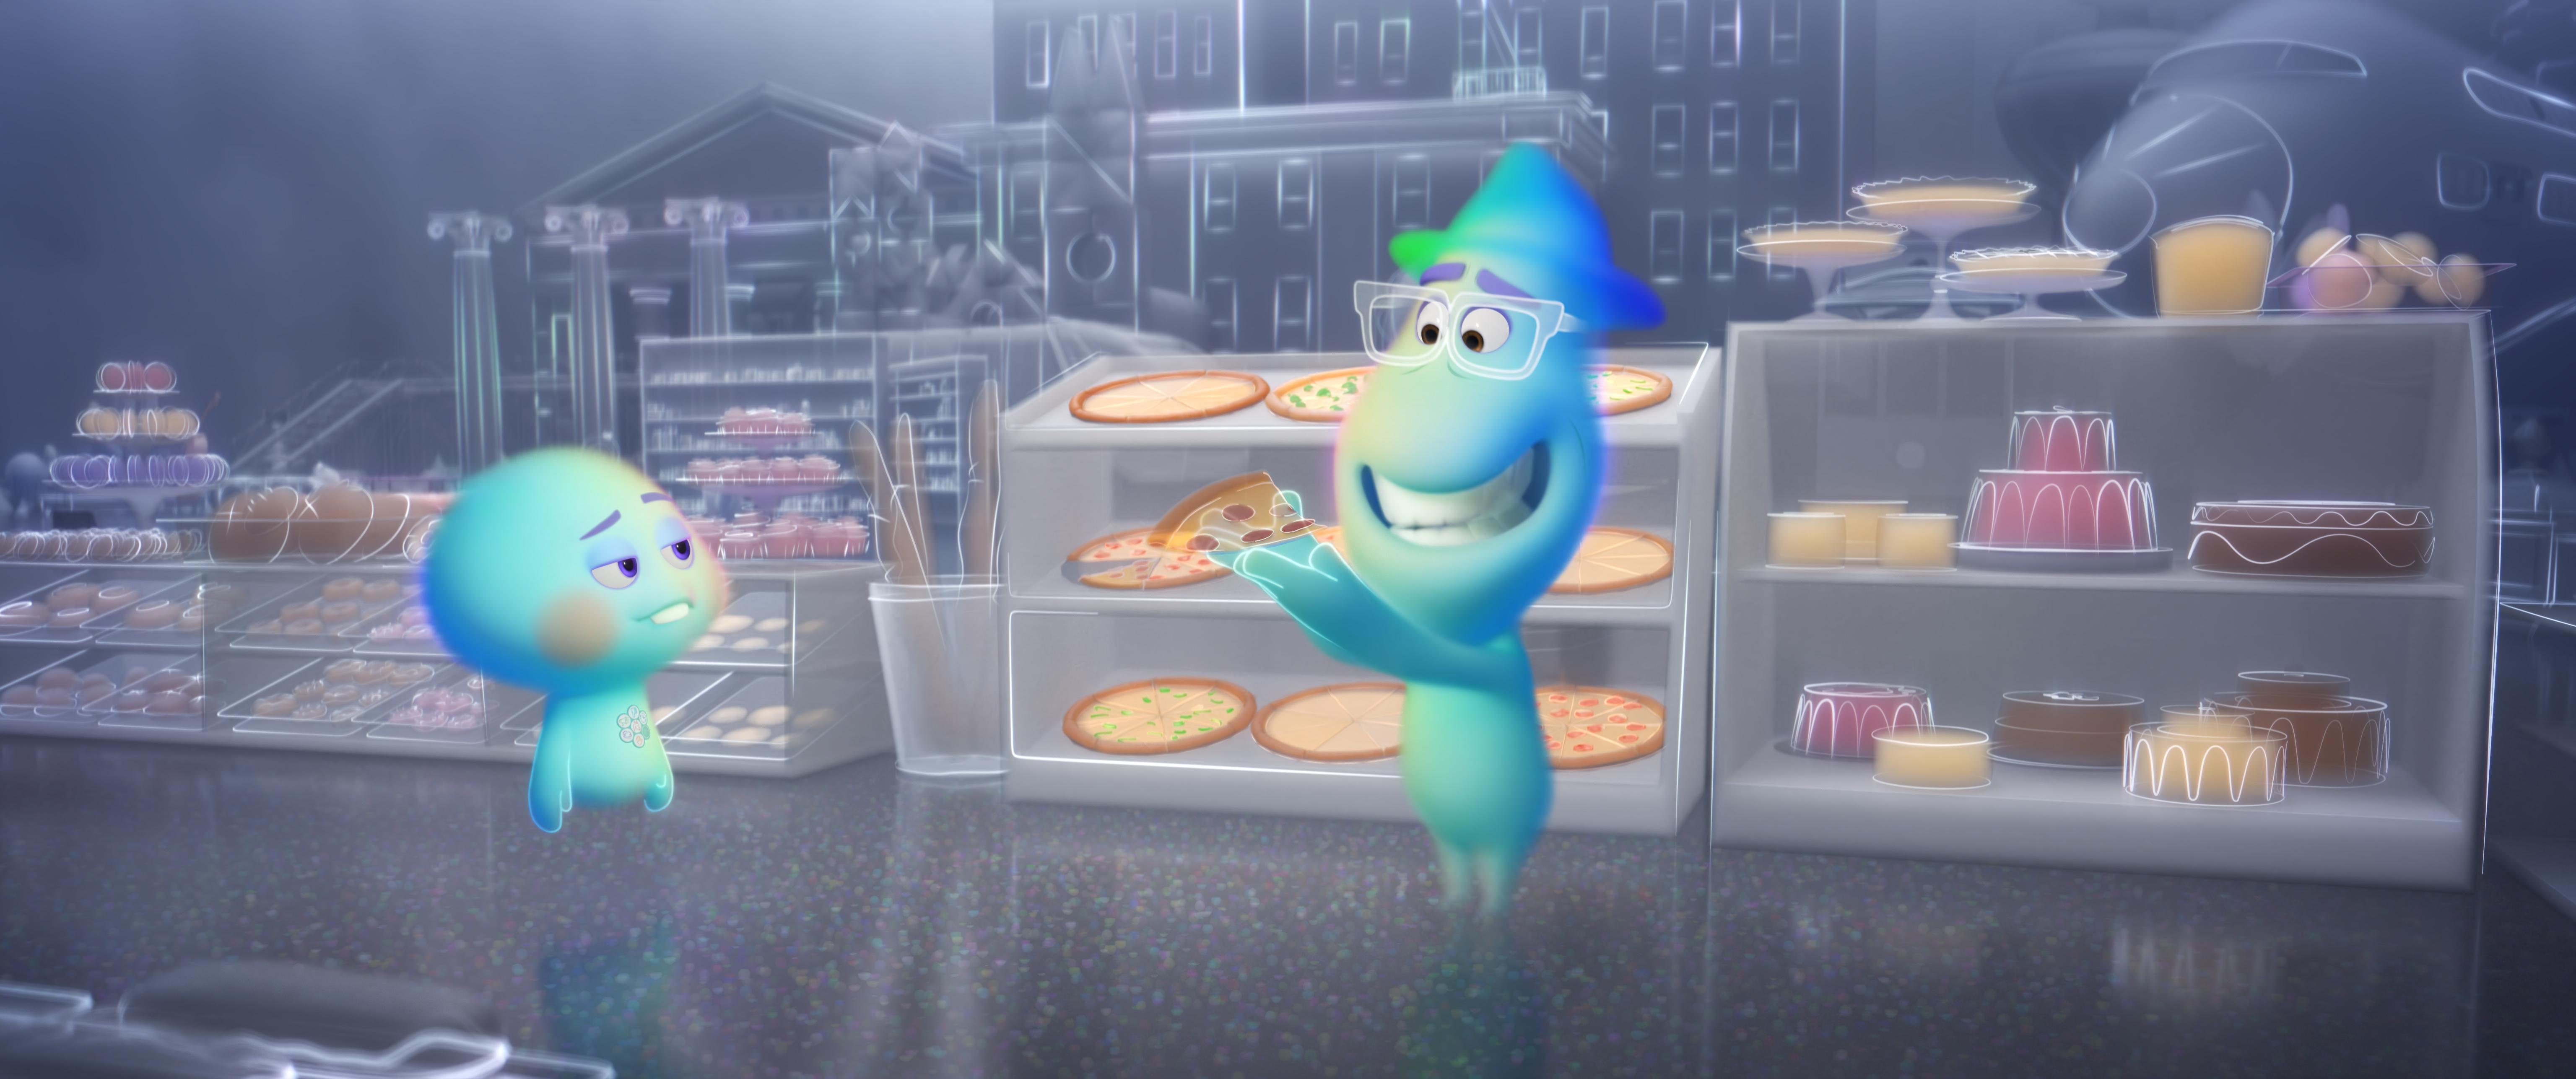 """Las almas de Joe y 22 en """"Soul"""". / Foto: Pixar · Disney"""